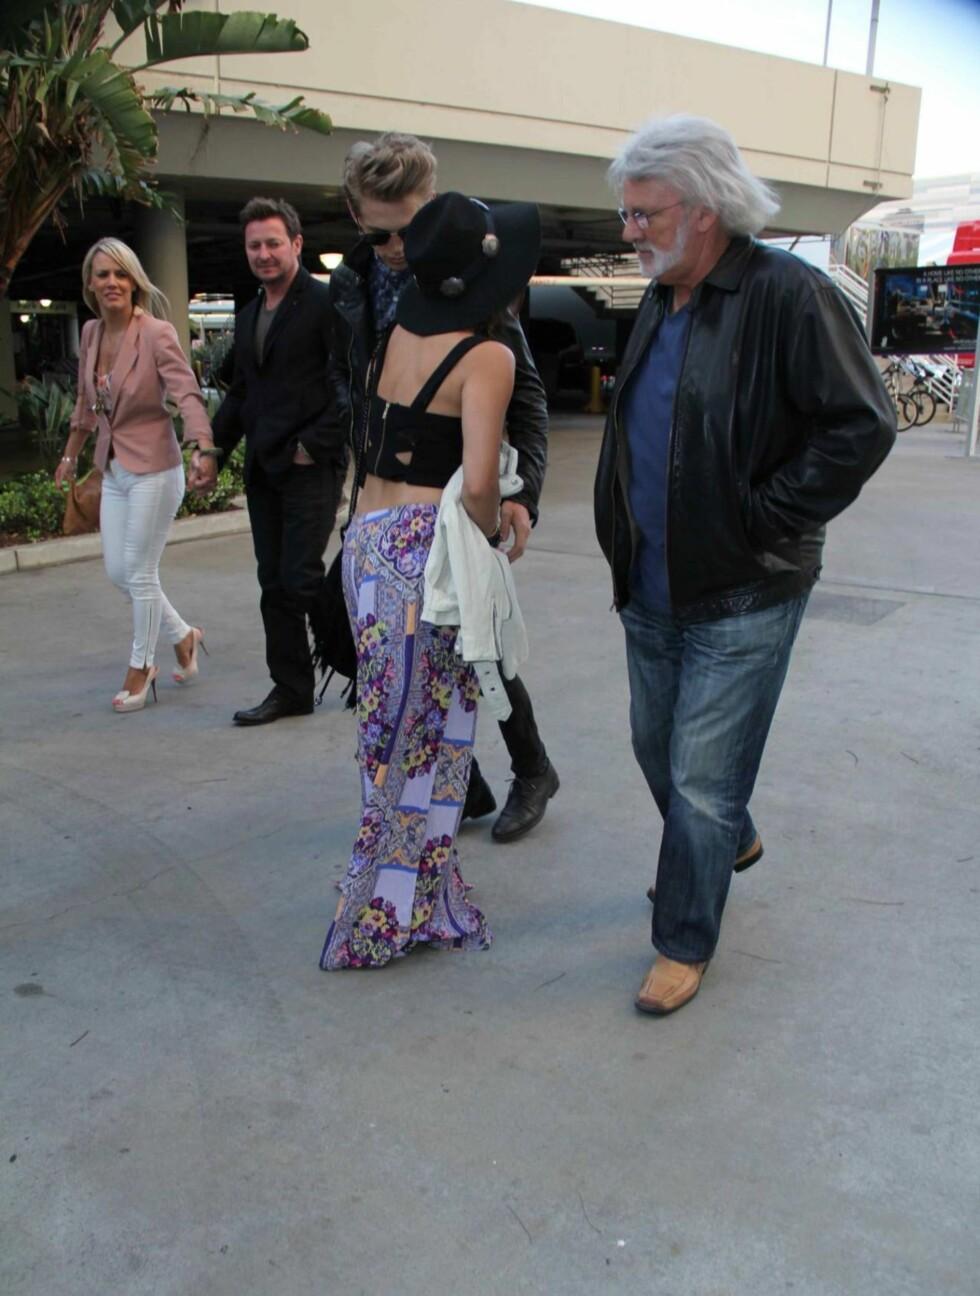 FOLKSOMT: De som gikk forbi det unge paret fikk med seg den pinlige truseglippen.. Foto: All Over Press